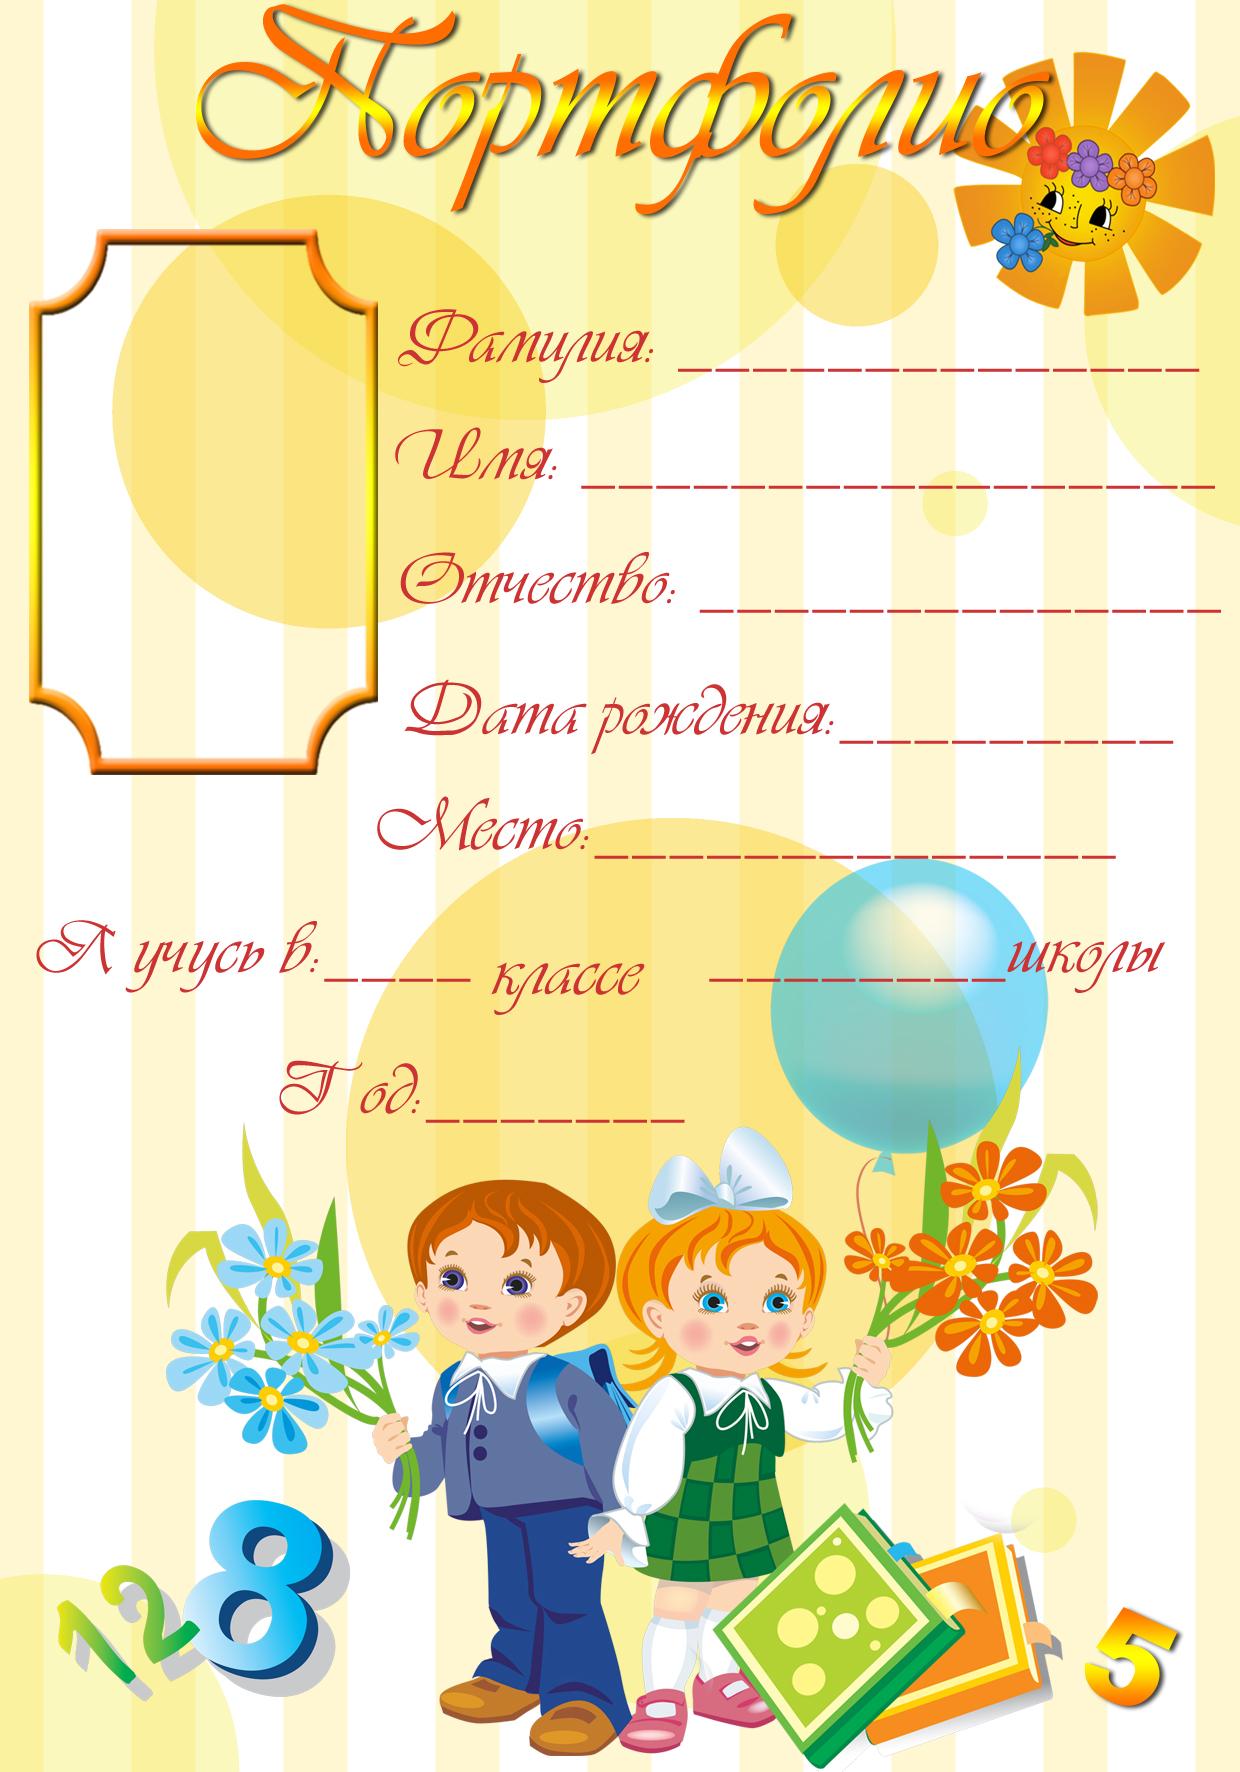 Картинки поздравления, готовые шаблоны для портфолио школьника